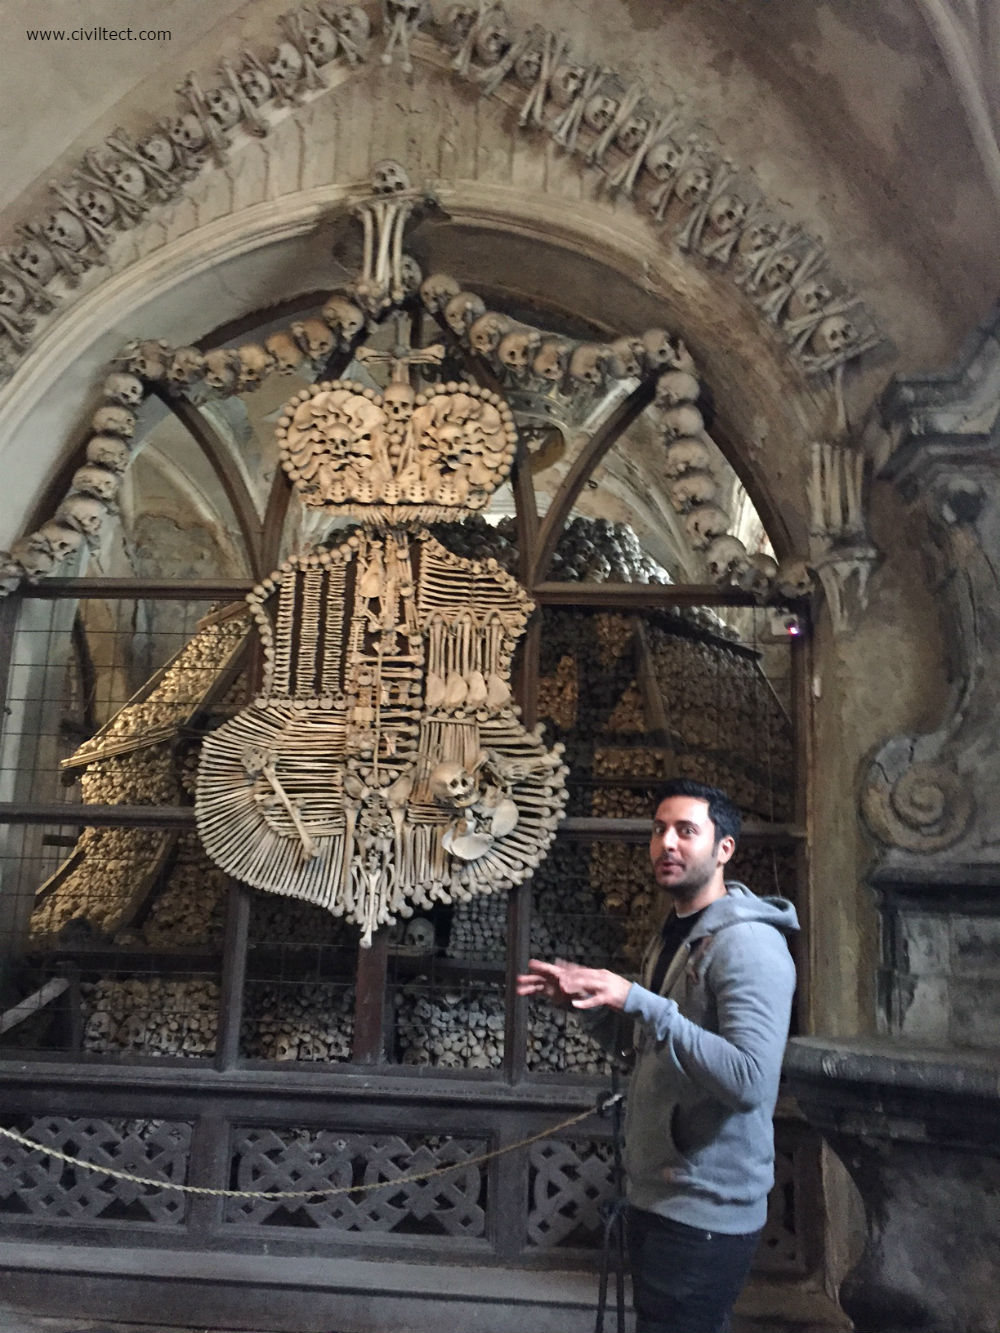 کلیسا استخوانی - اسکلتی جمهوری چک